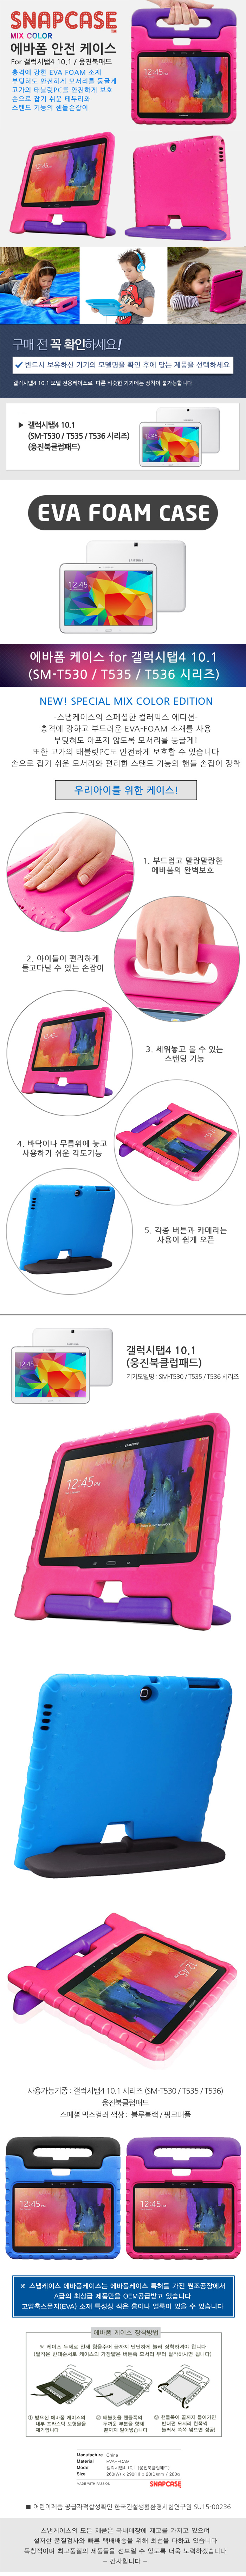 갤럭시탭4 10.1 웅진북패드 믹스컬러 에바폼 케이스 - 스냅케이스, 21,000원, 케이스, 기타 갤럭시 제품